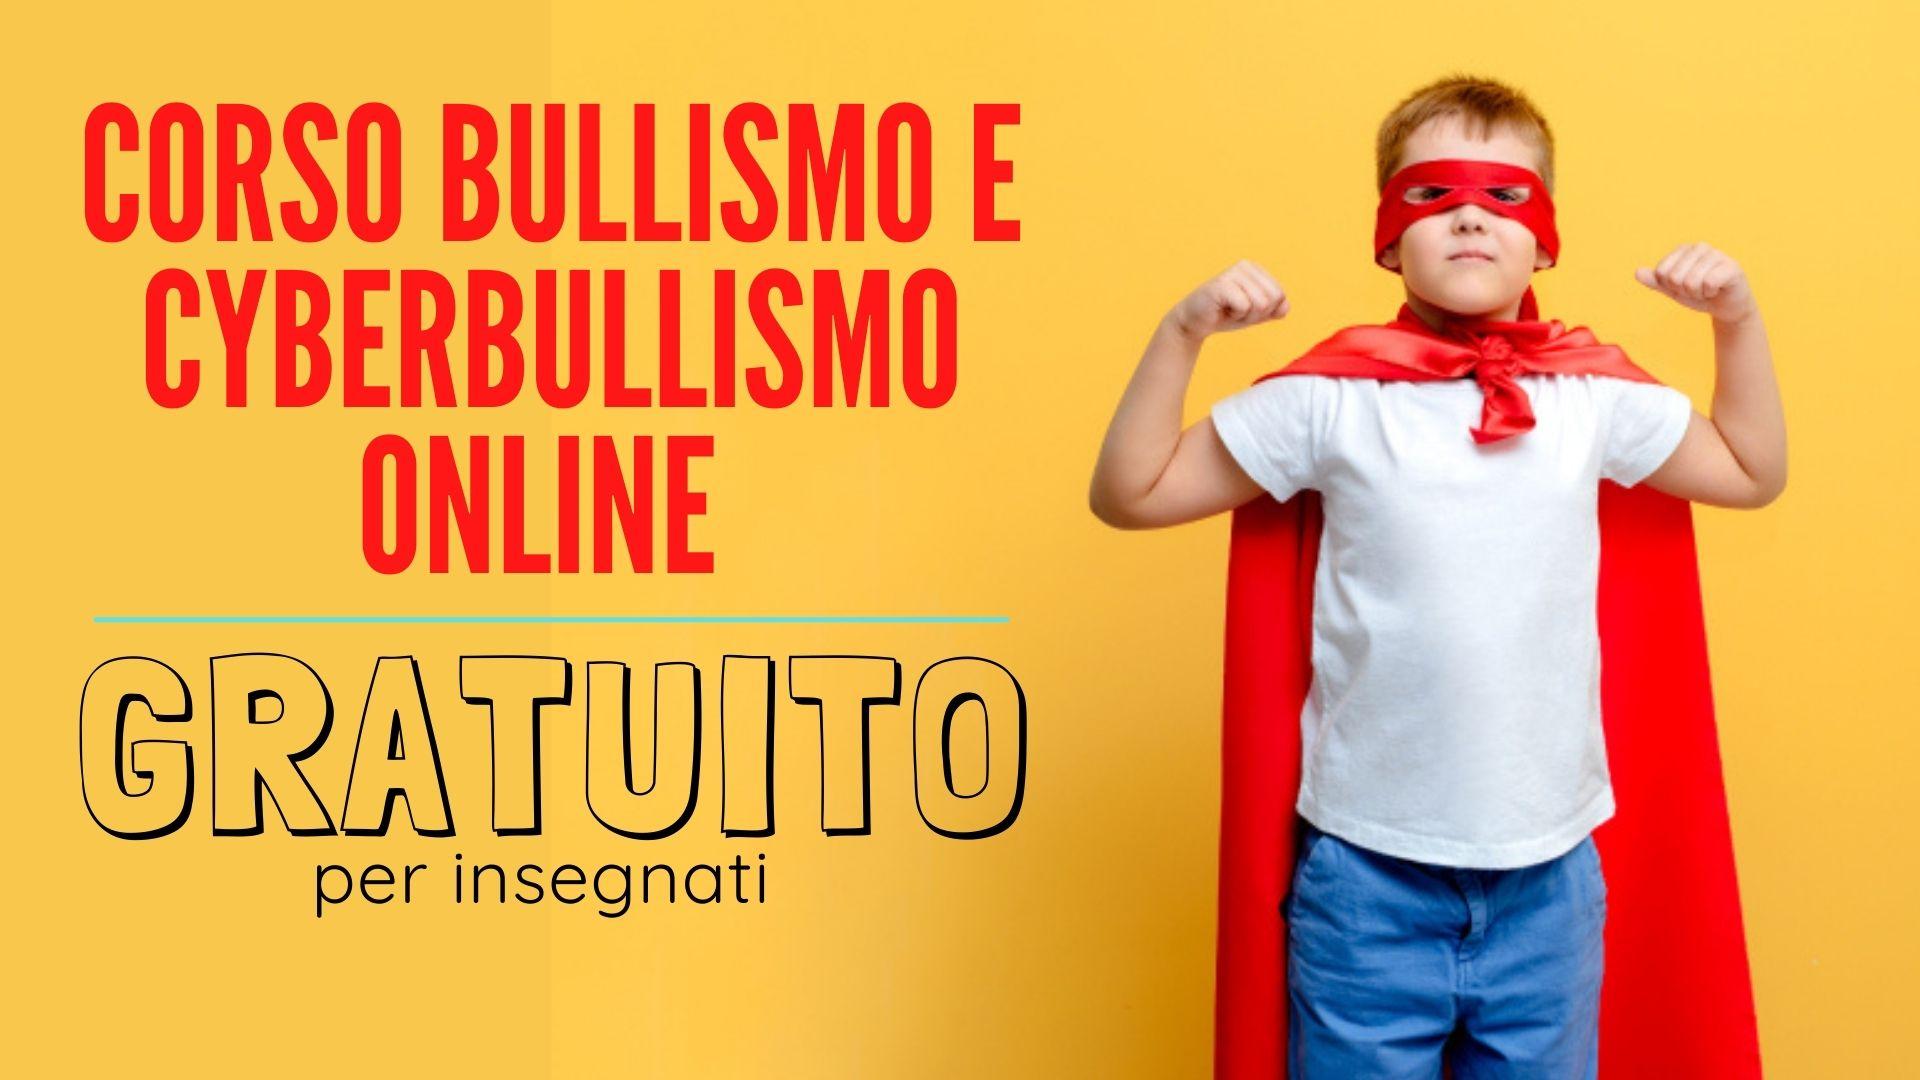 CORSO BULLISMO E CYBERBULLISMO ONLINE GRATUITO.